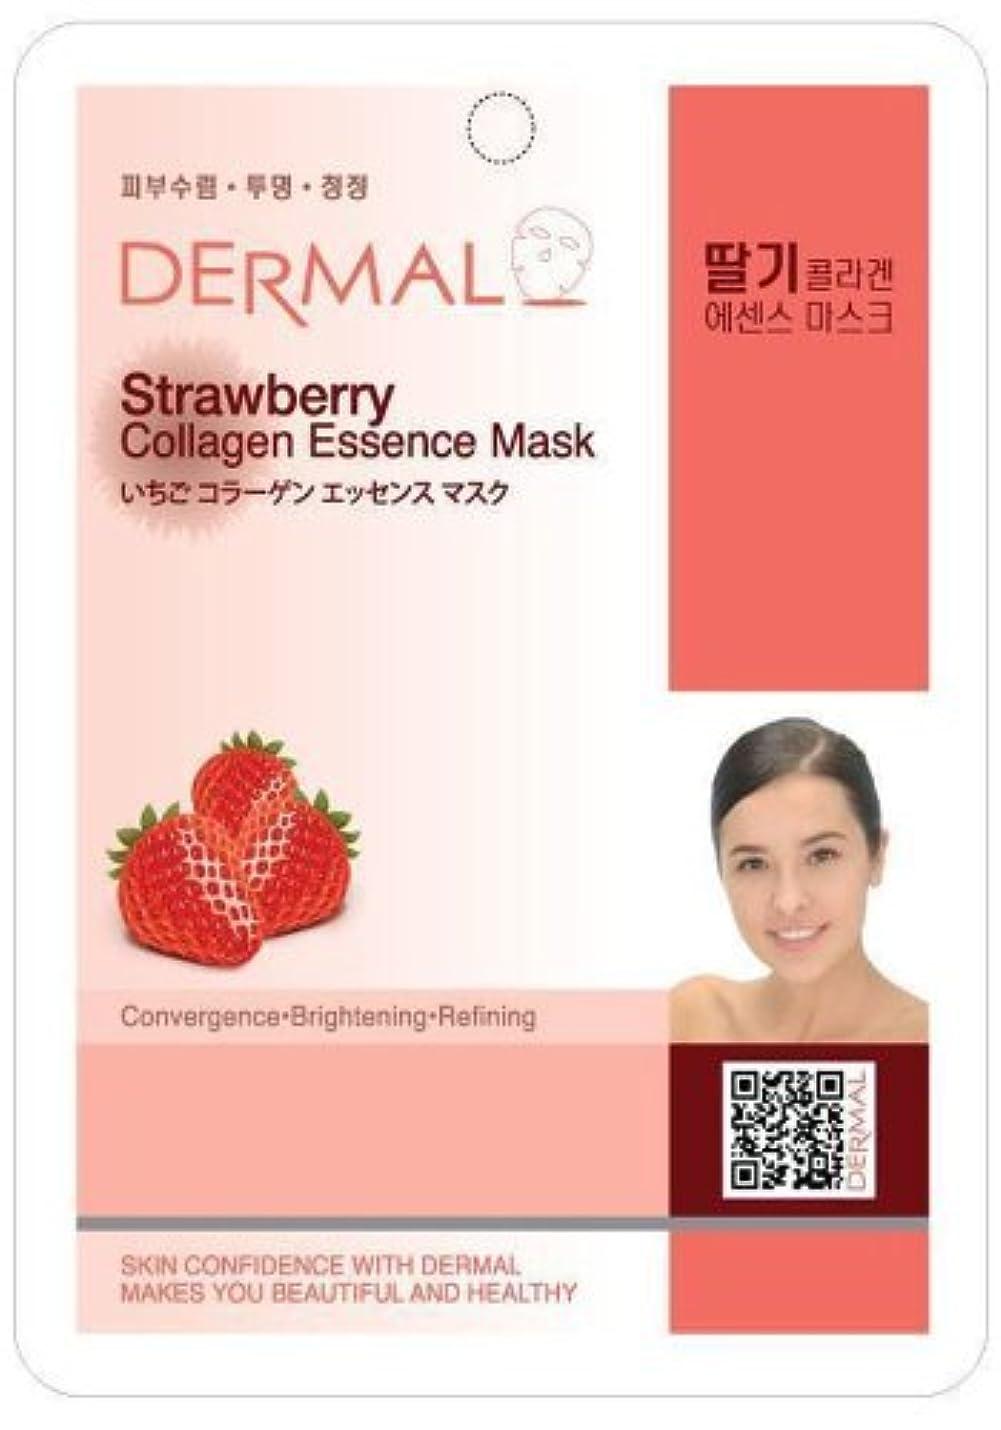 【DERMAL】ダーマル シートマスク いちご 10枚セット/保湿/フェイスマスク/フェイスパック/マスクパック/韓国コスメ [メール便]